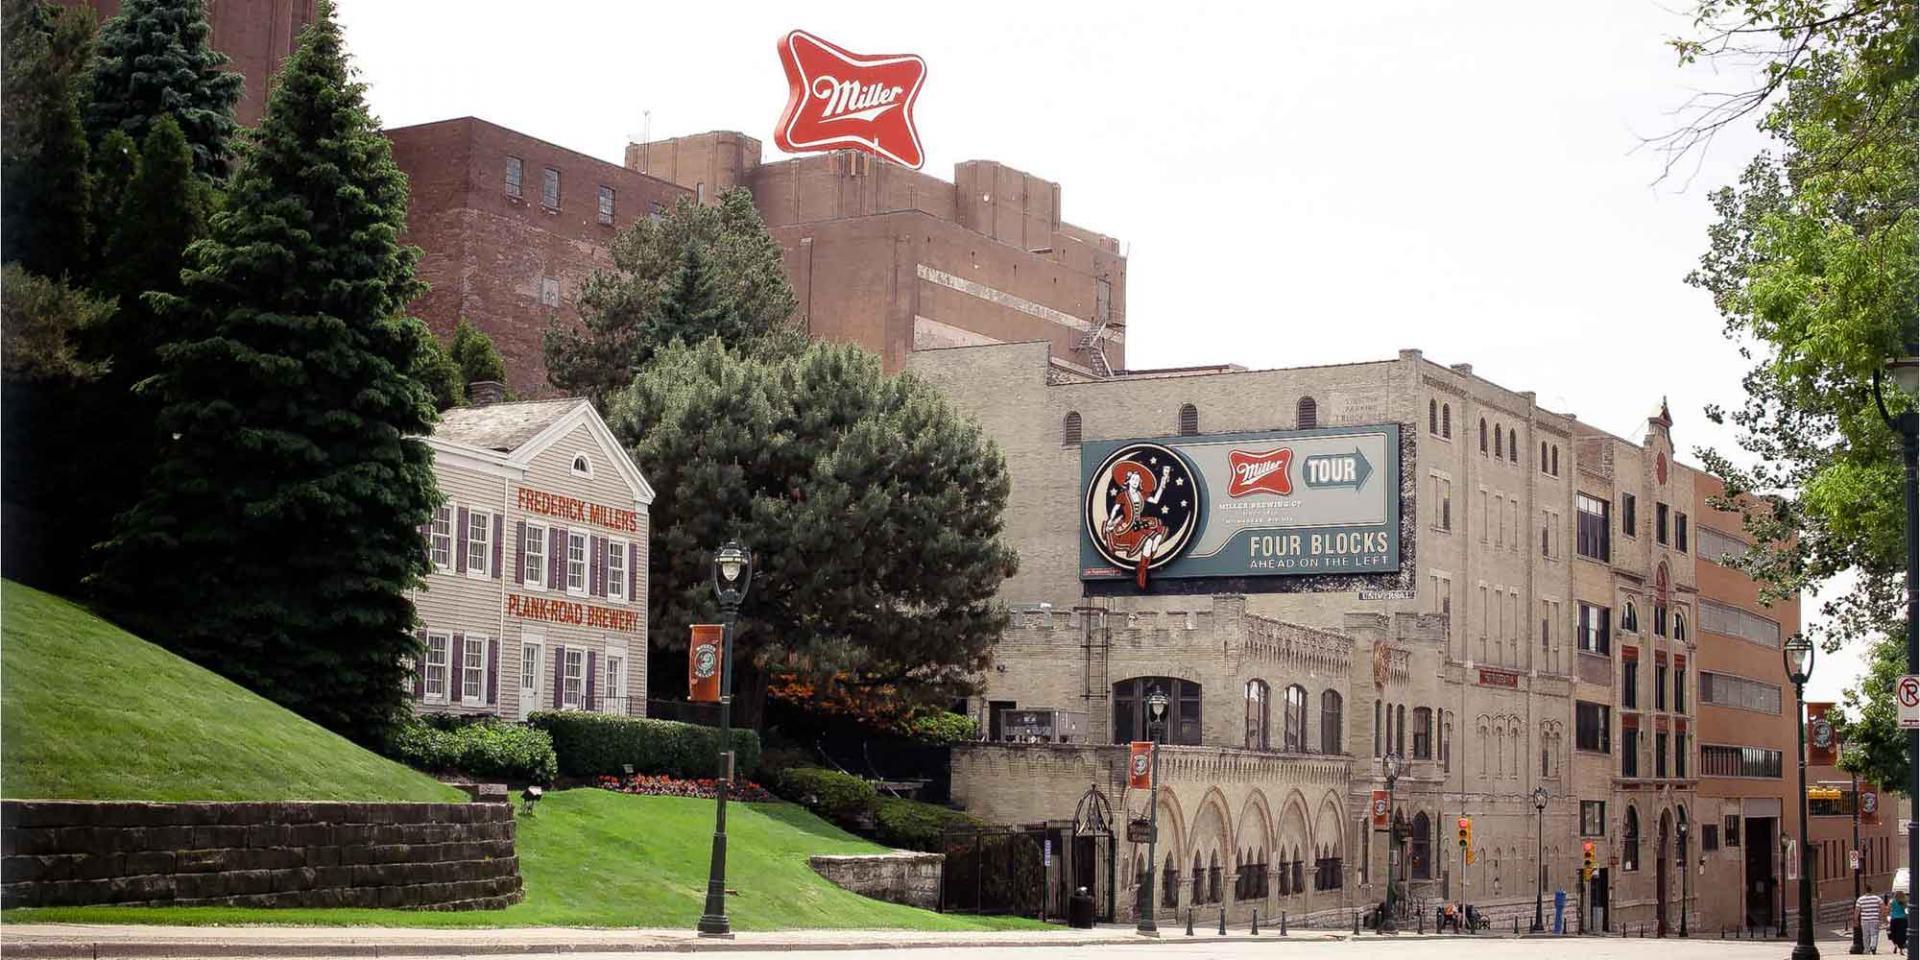 Miller Tours Building